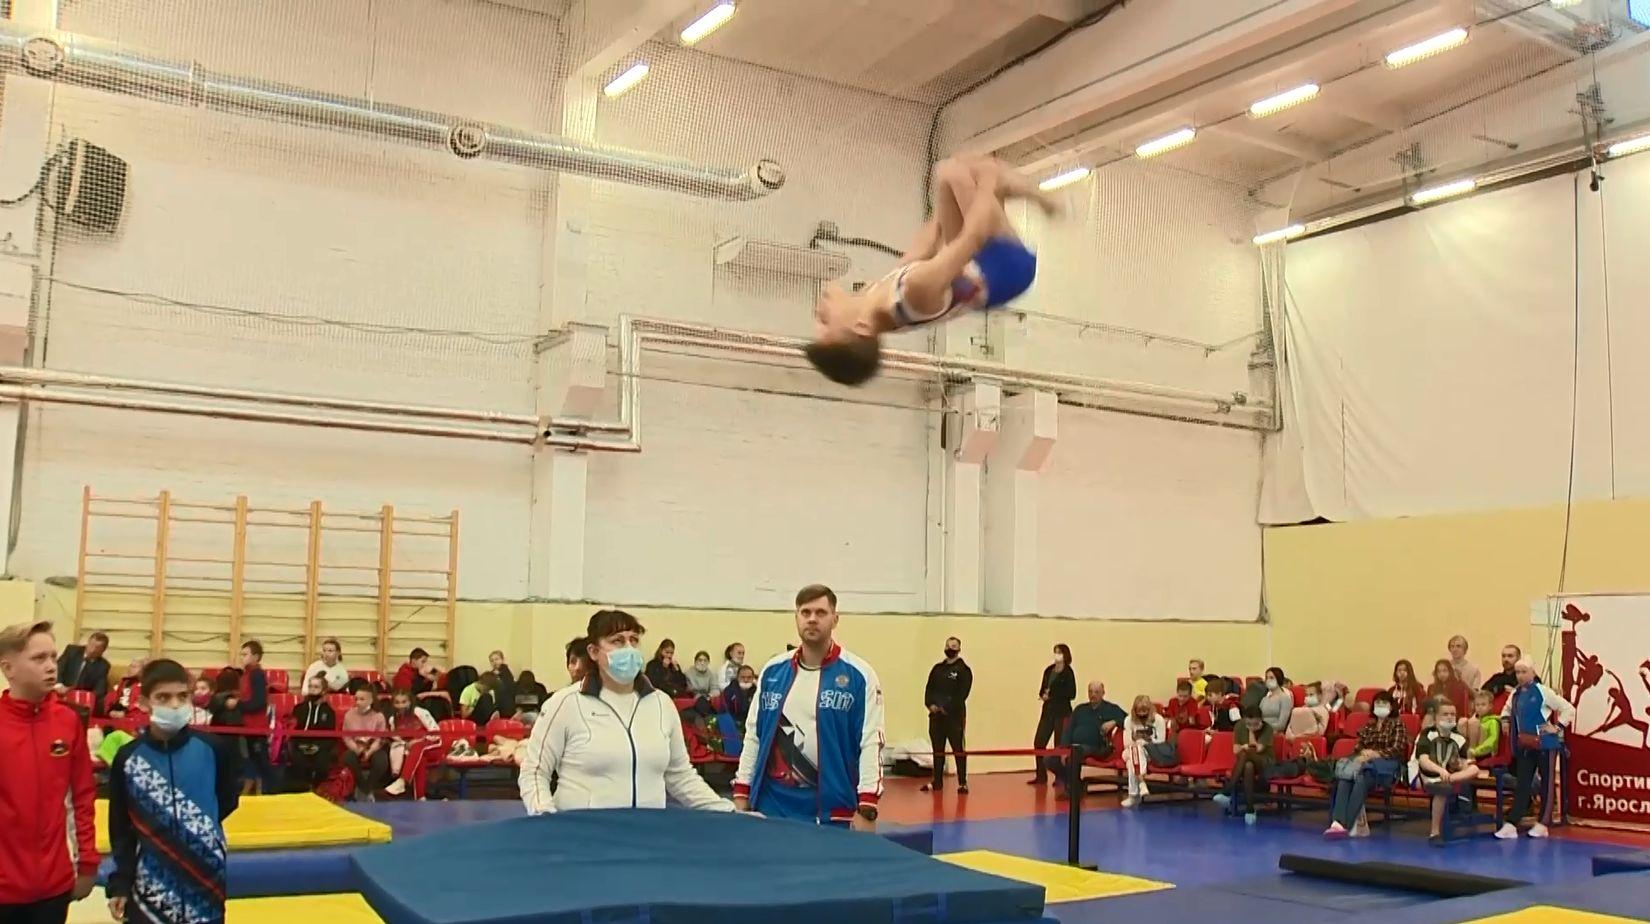 В Ярославле началось первенство России по прыжкам на батуте